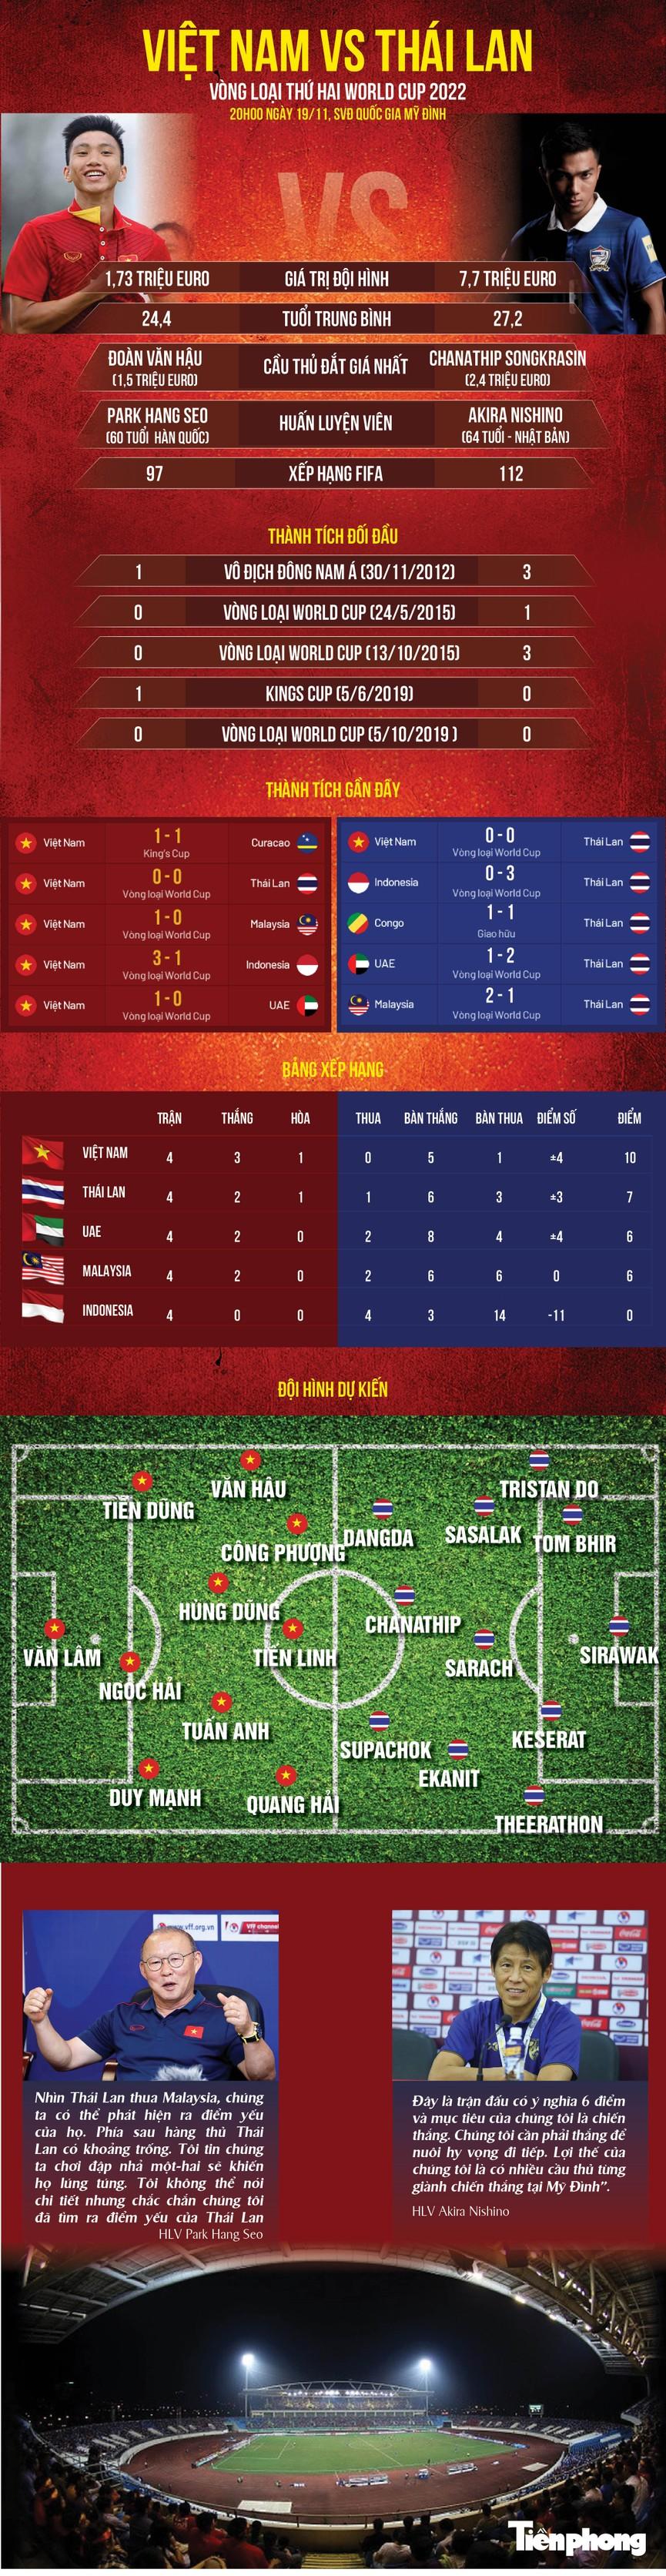 Việt Nam vs Thái Lan: Thành bại luận Anh hùng - ảnh 1